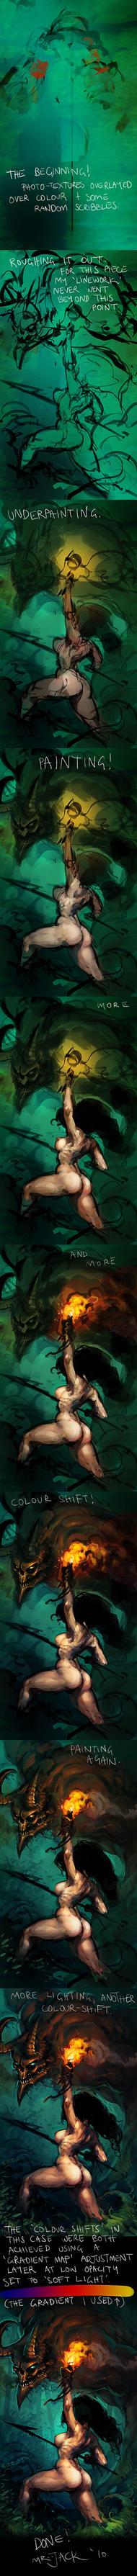 Jungle Fight Process by Mr--Jack